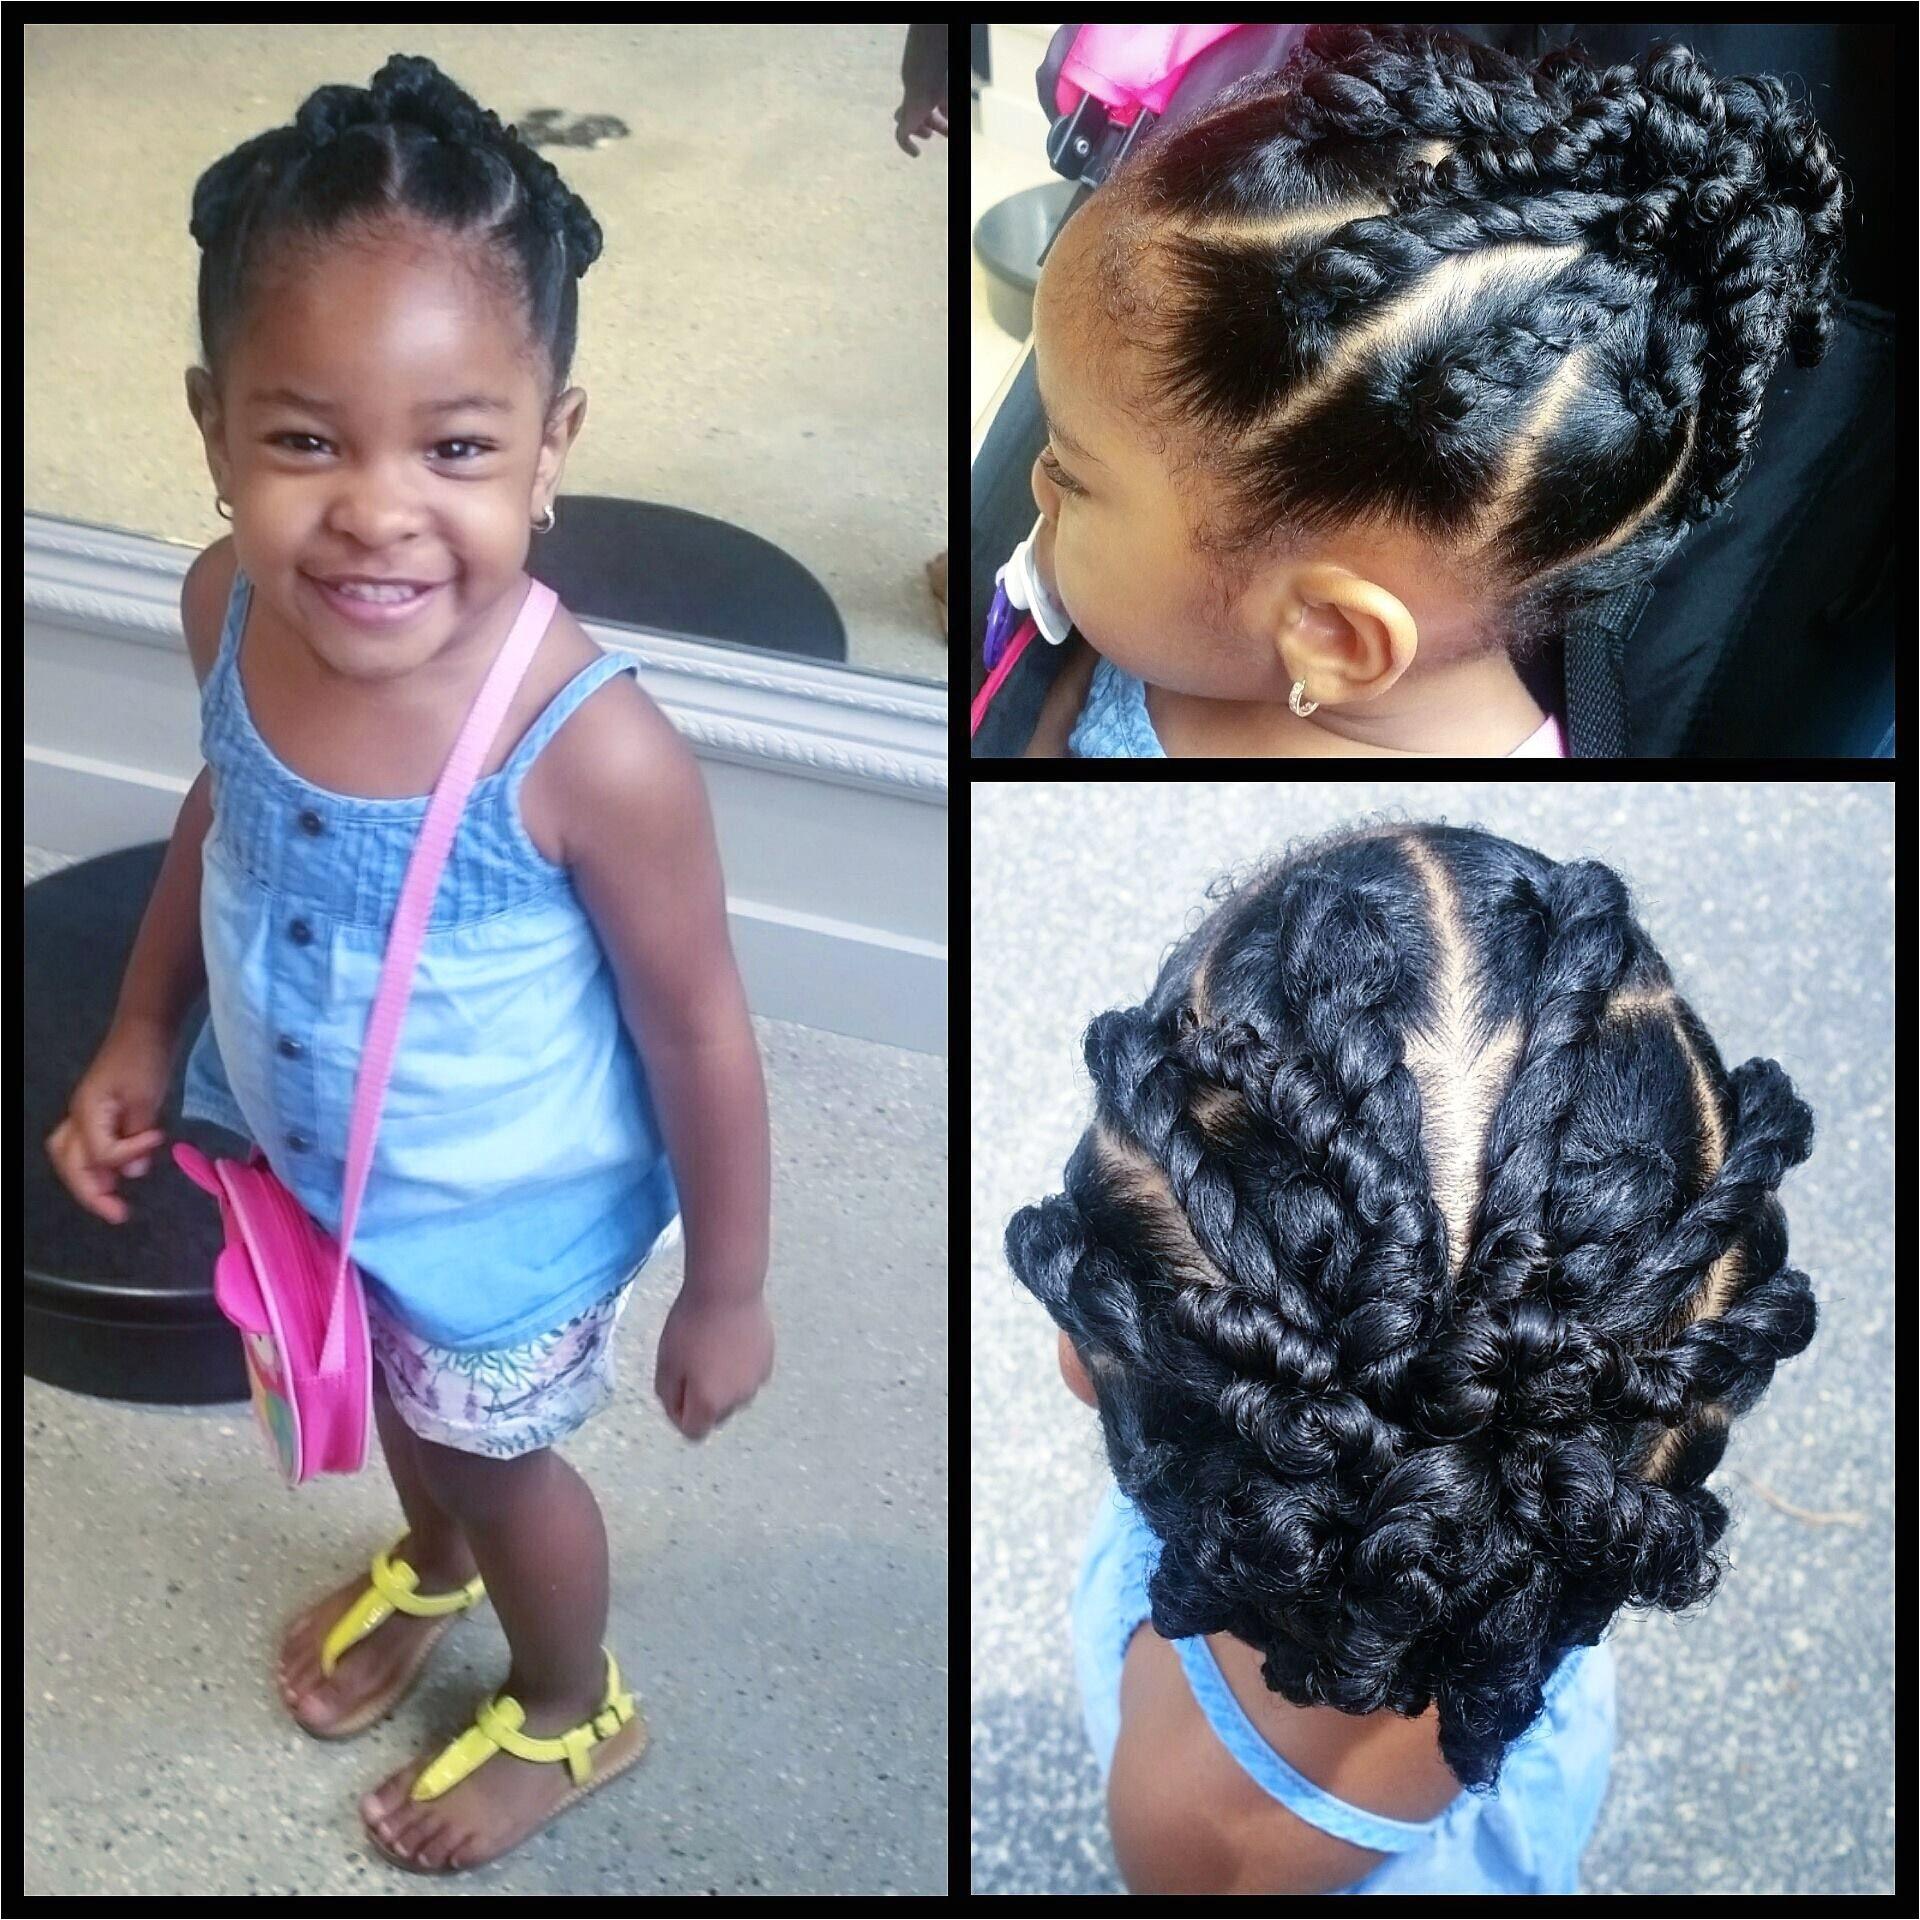 cute baby girl hair style